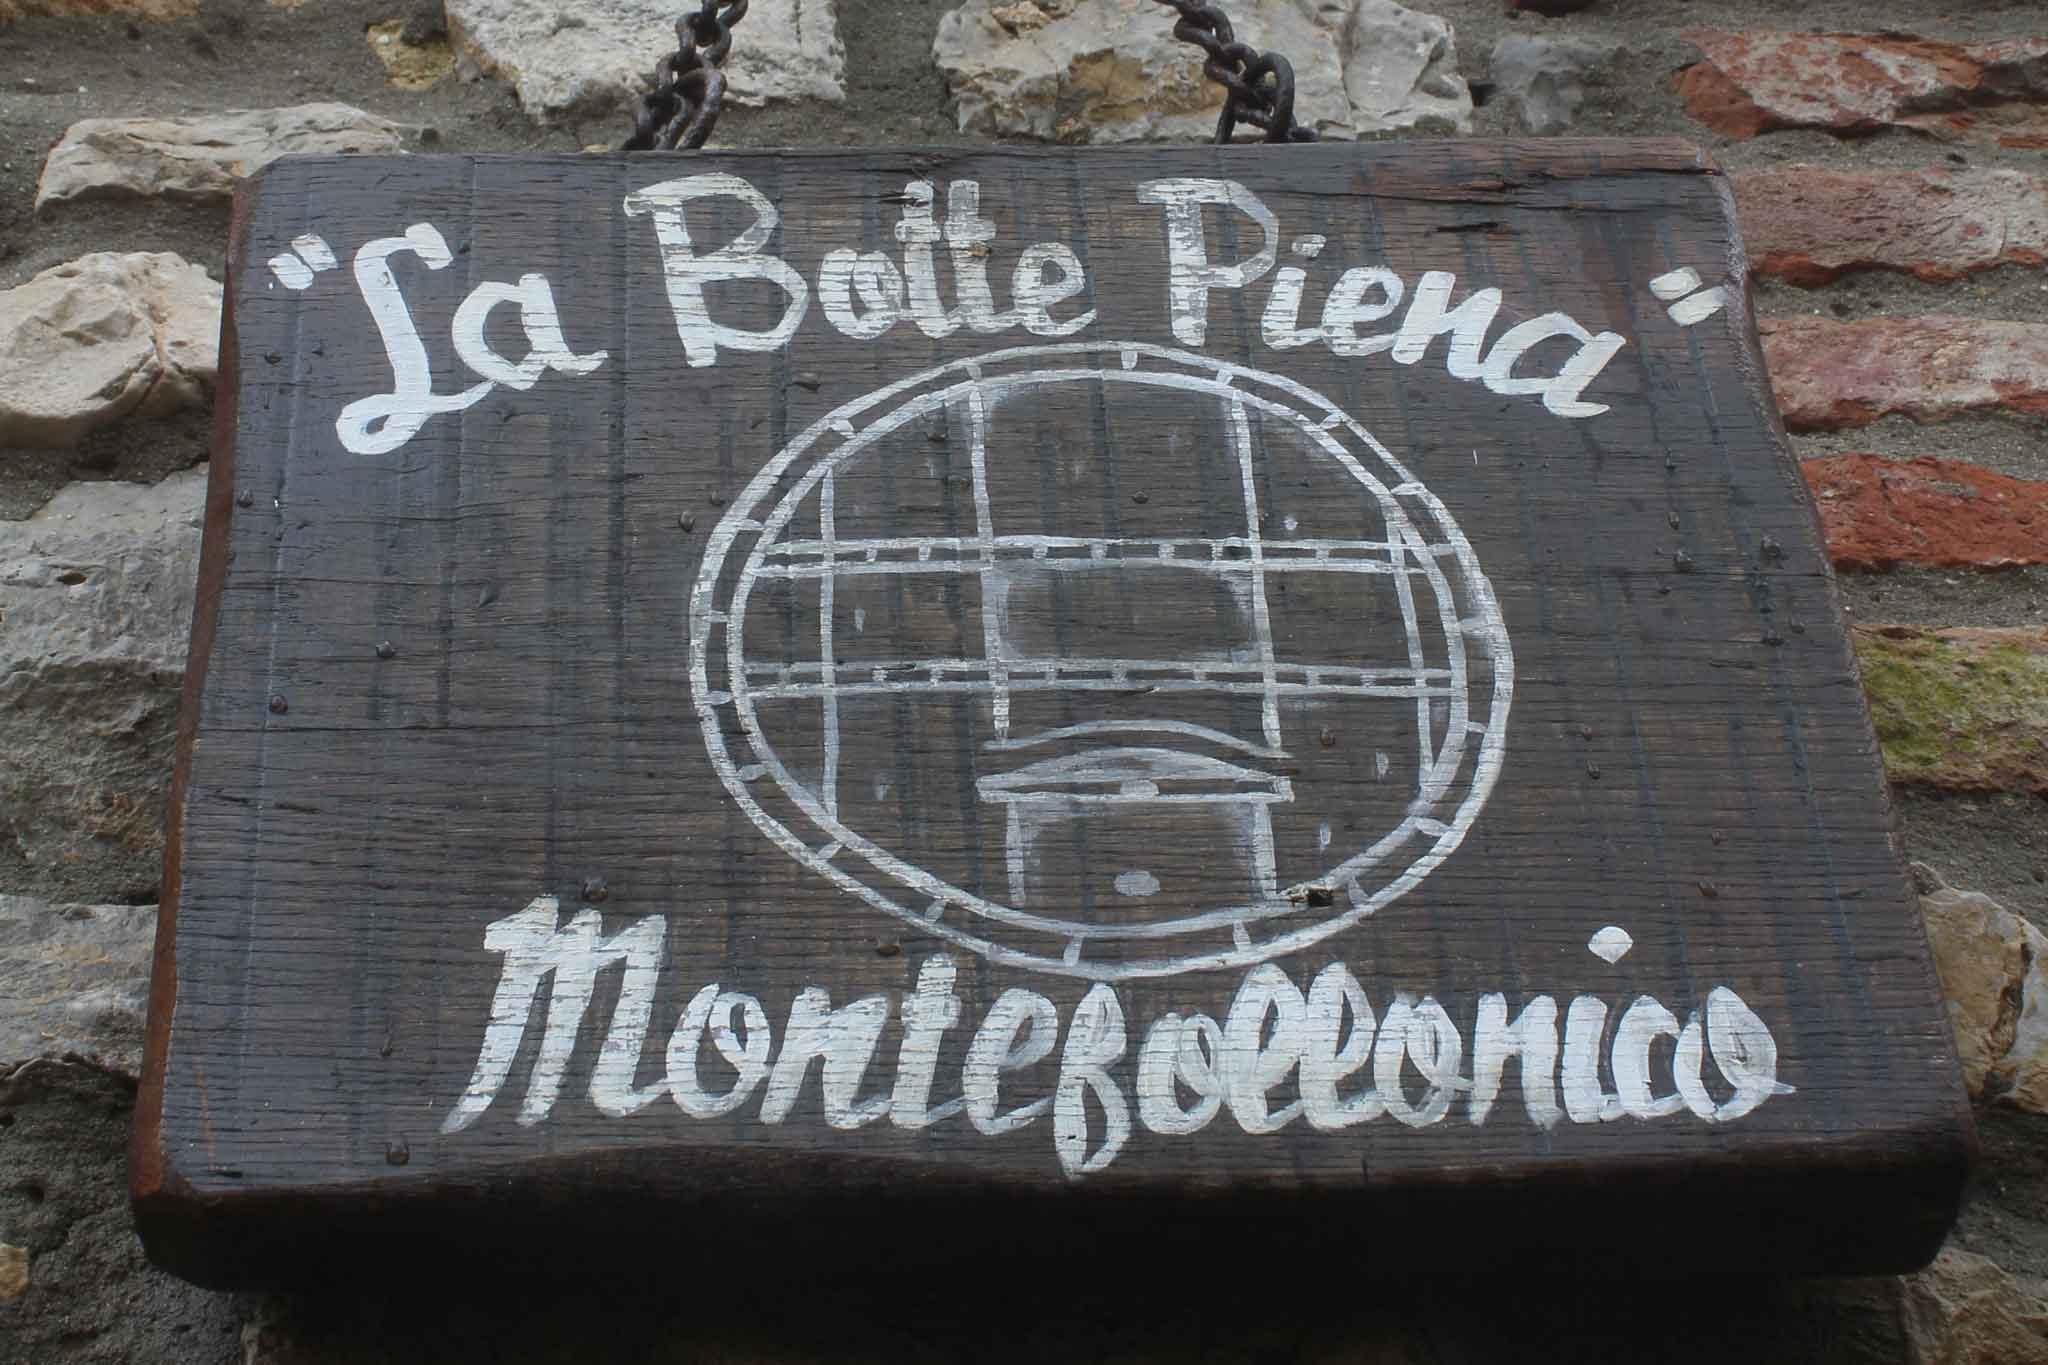 osteria-la-botte-piena-montefollonico